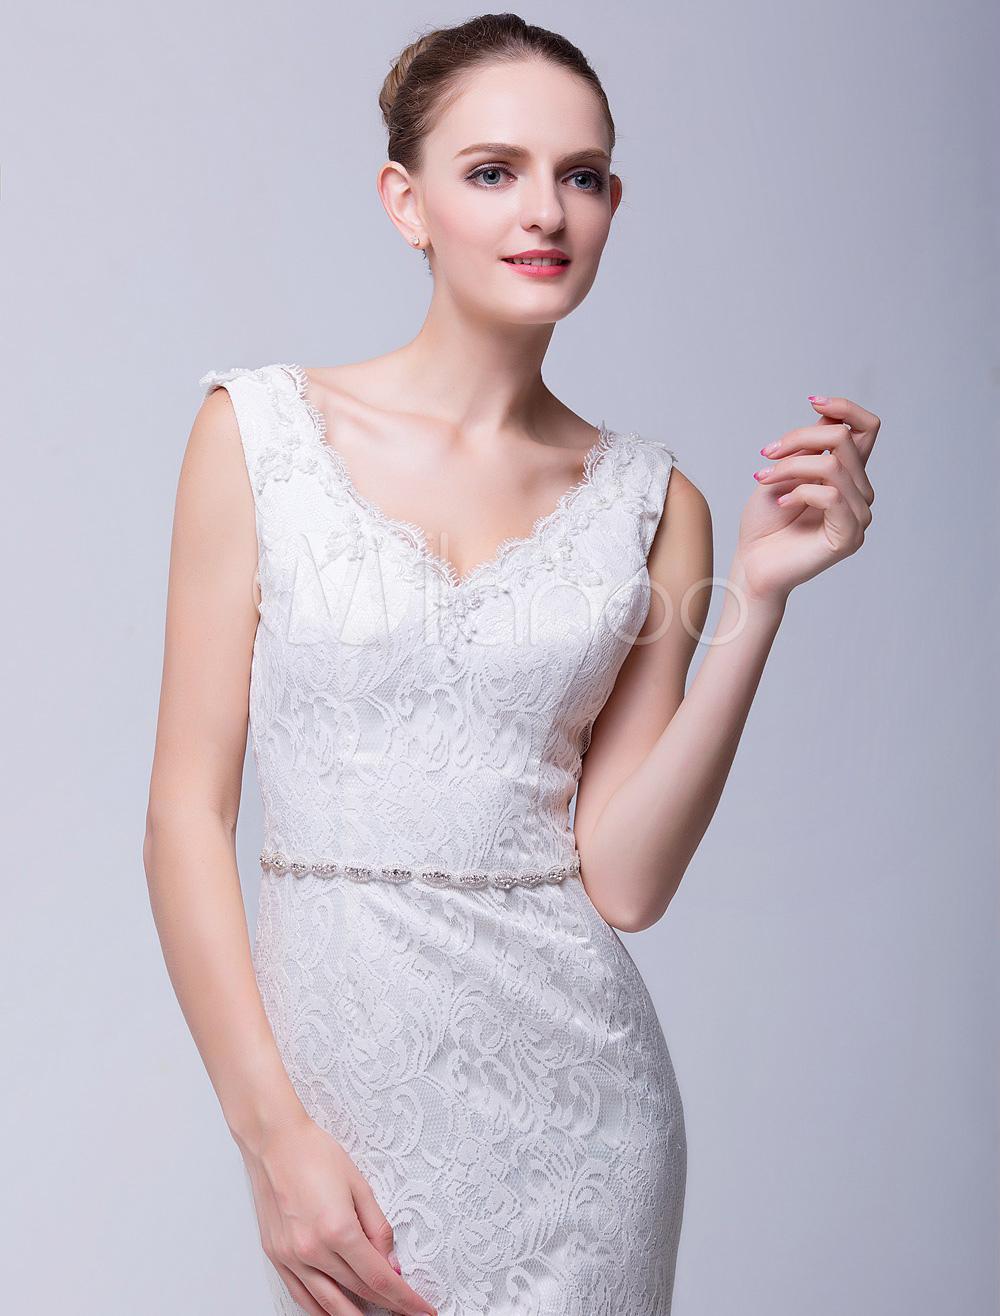 Ivory Narrow Pretty Bridal Wedding Sash